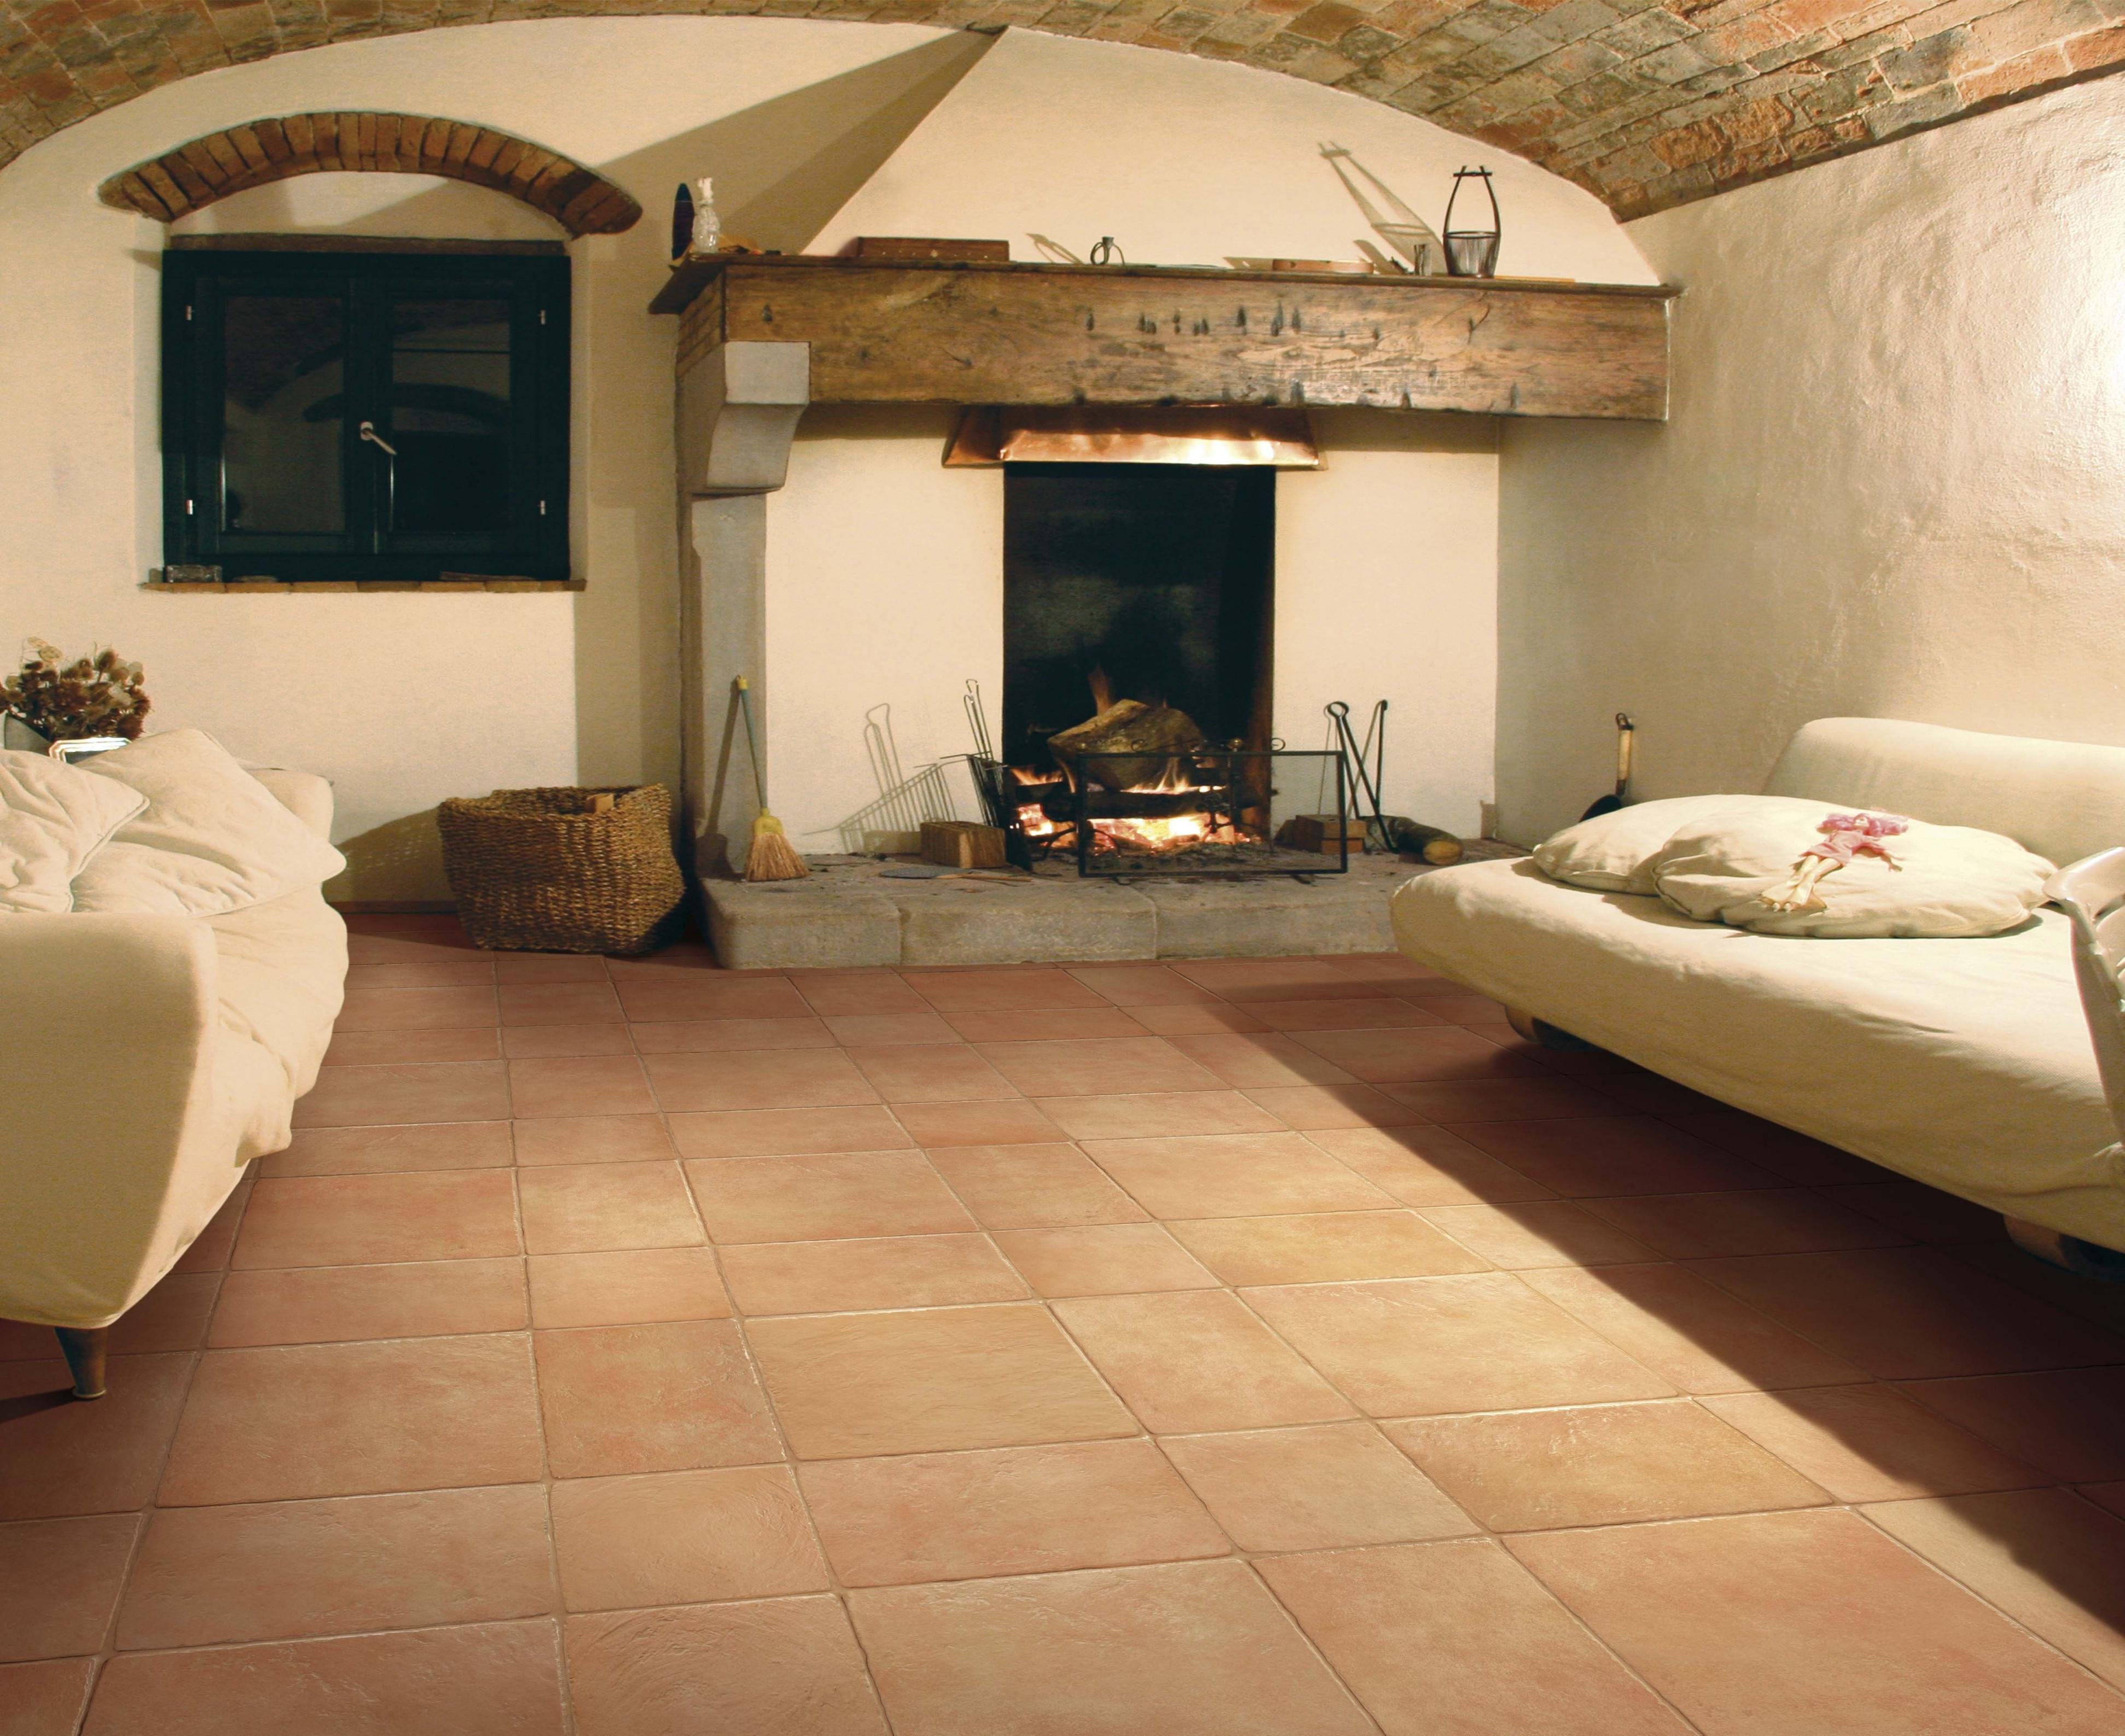 Mediterrane Fliesen Wandtattoo Fr Fliesen Blungun von Mediterranes Wohnzimmer Gestalten Photo